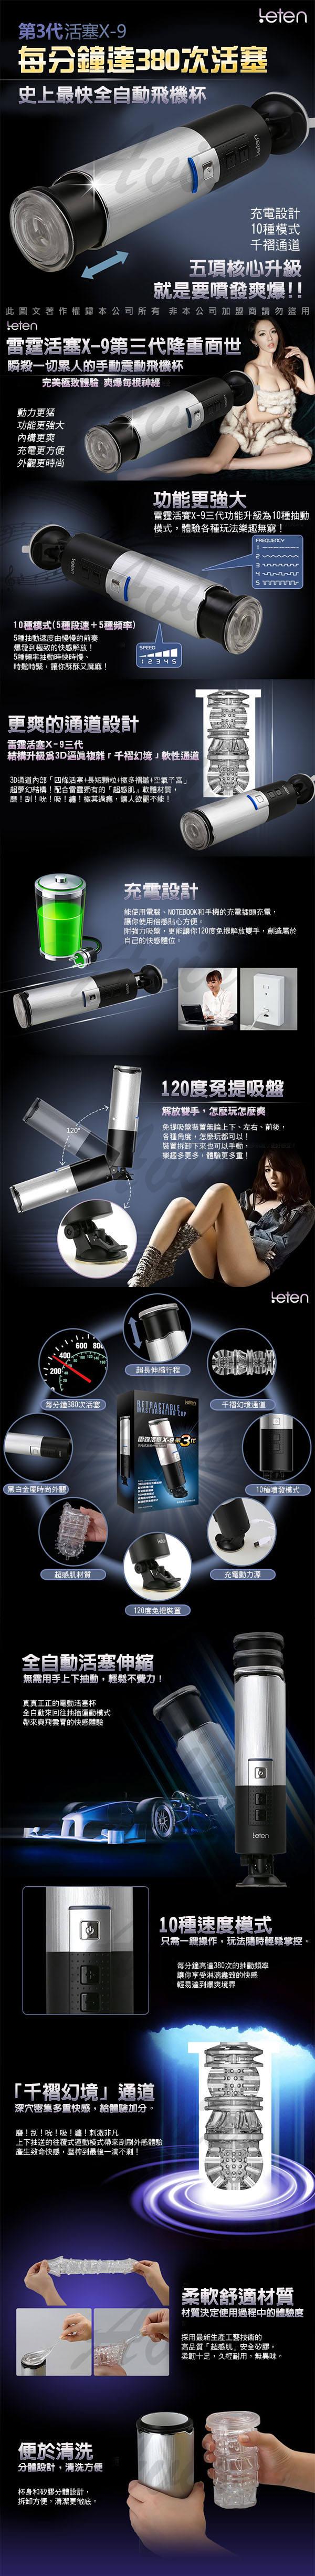 銀河戰士 X-9 非手持式 10種抽動模式 全自動活塞吸盤自慰杯